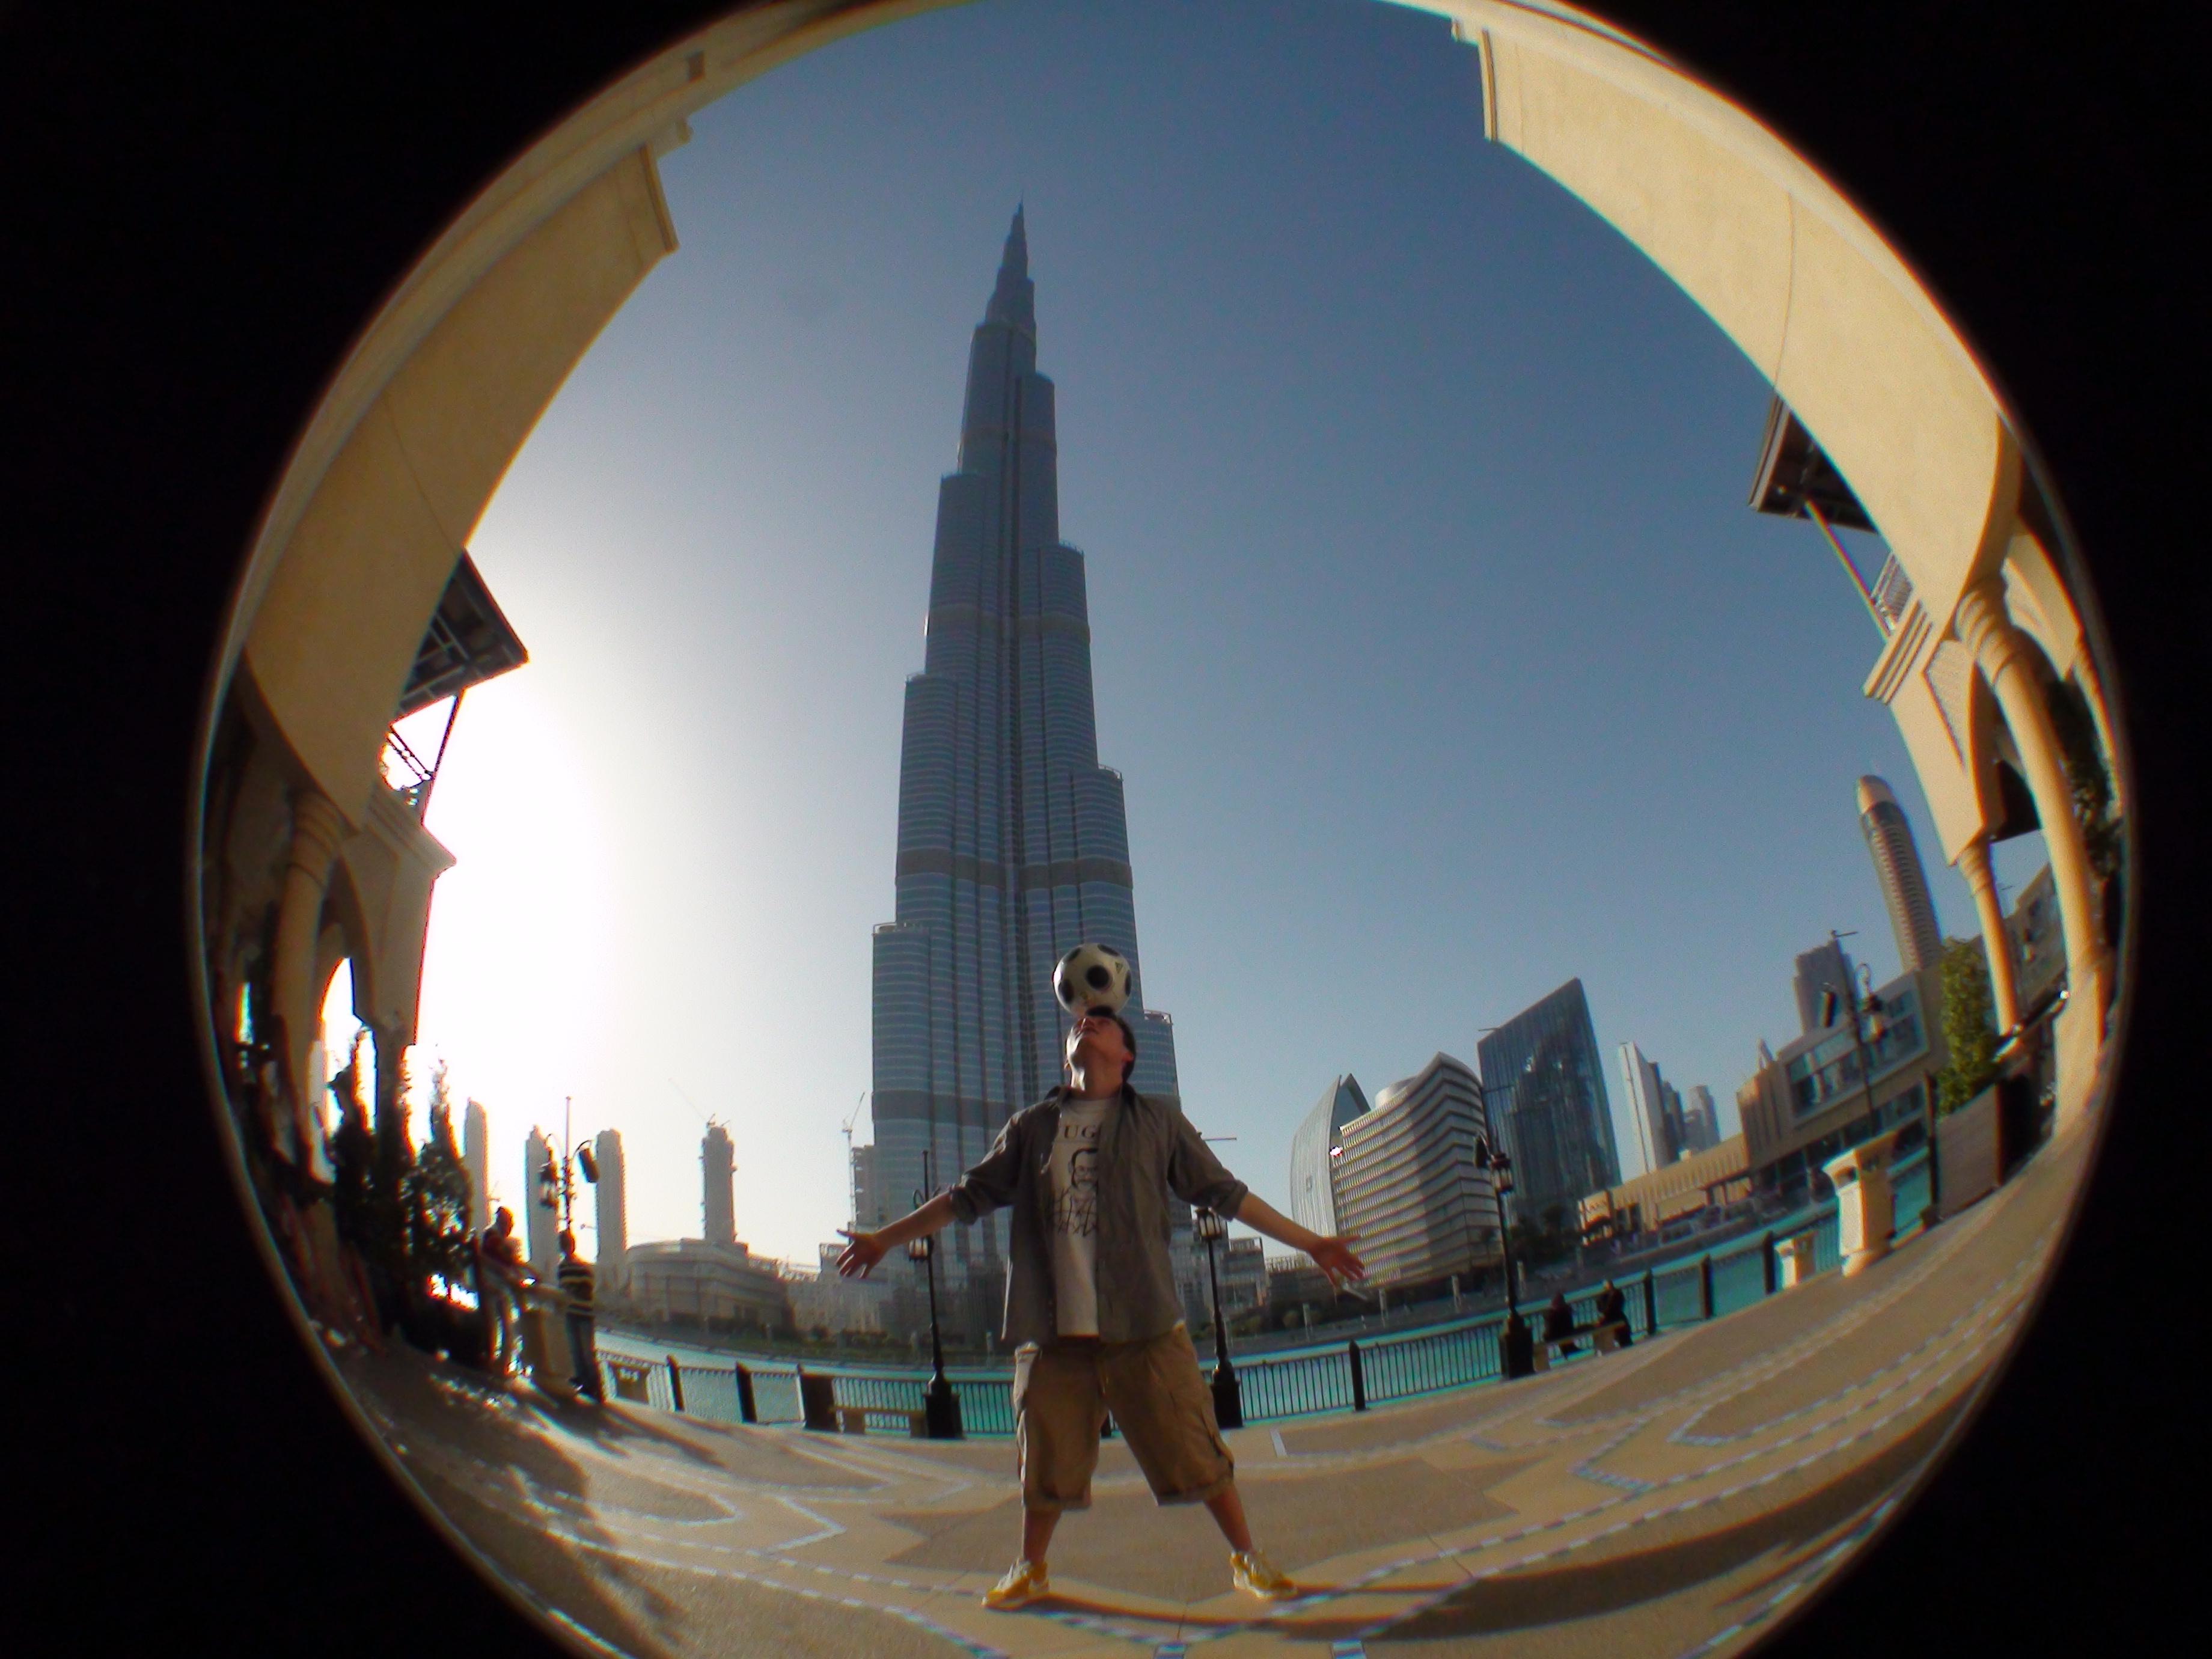 Fussball Freestyle Trick | Dubai